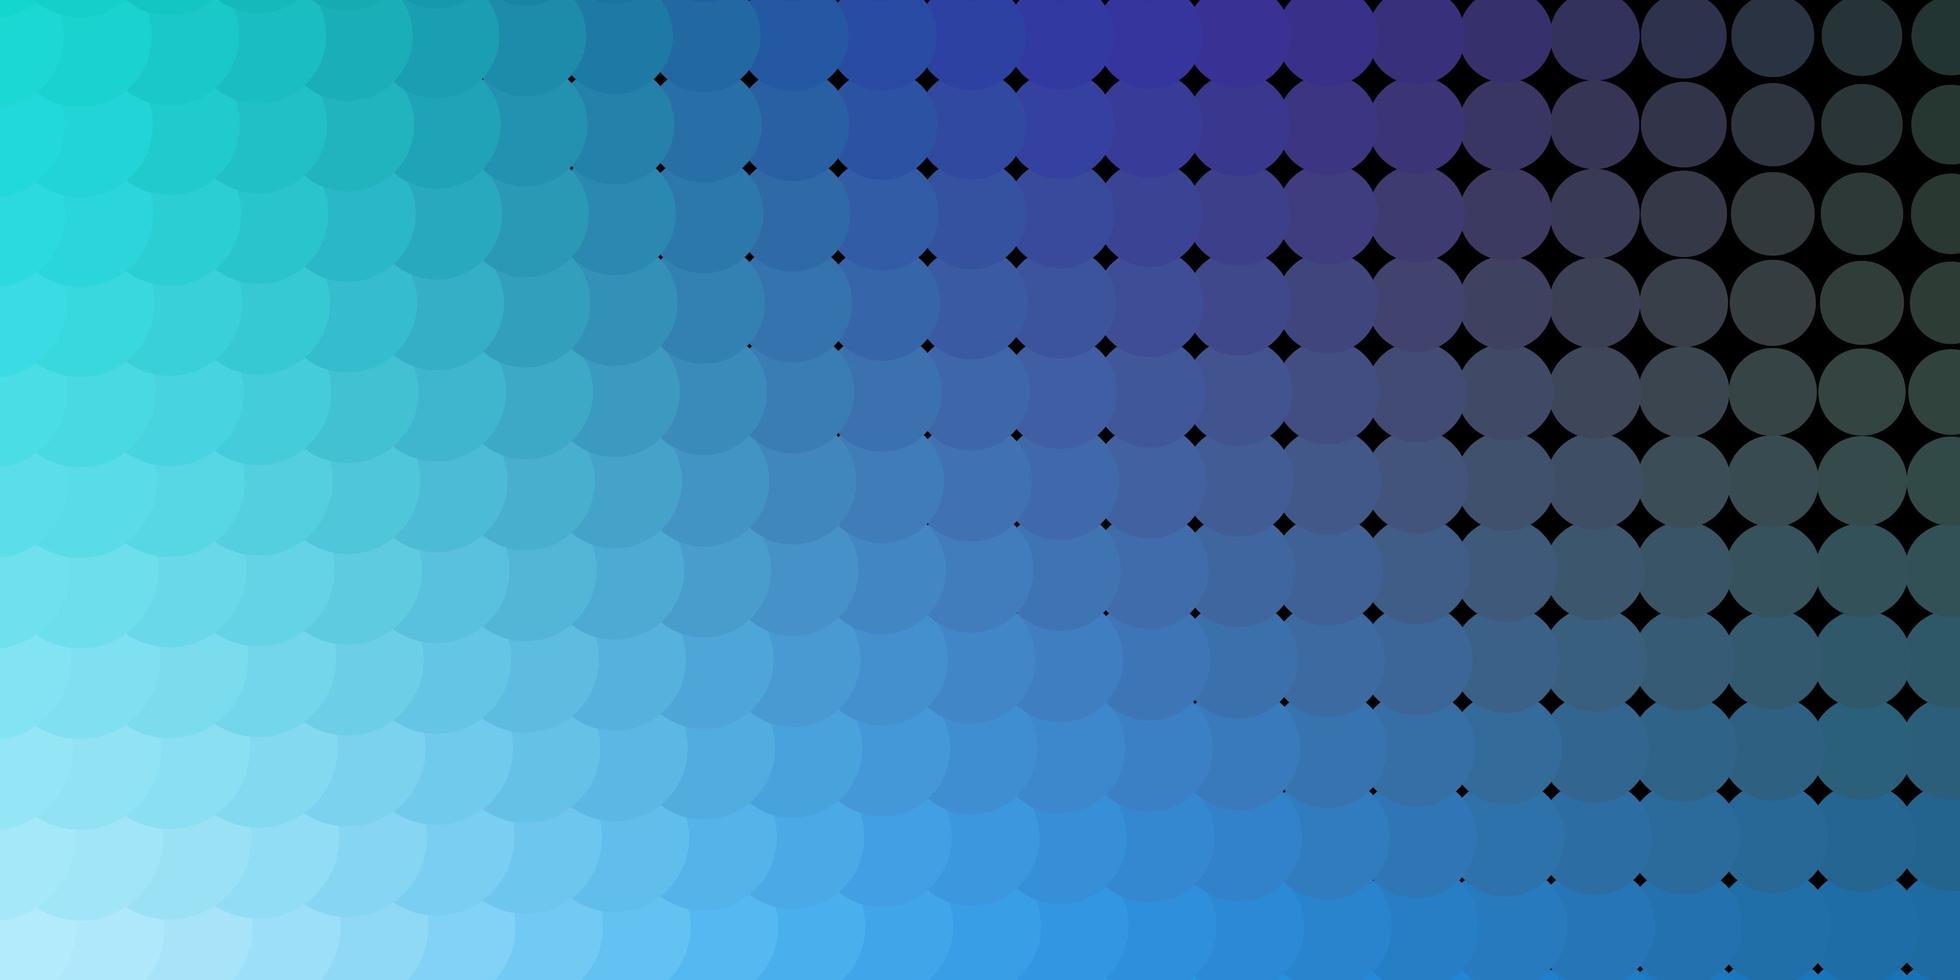 ljusblå, grön vektorbakgrund med cirklar. vektor